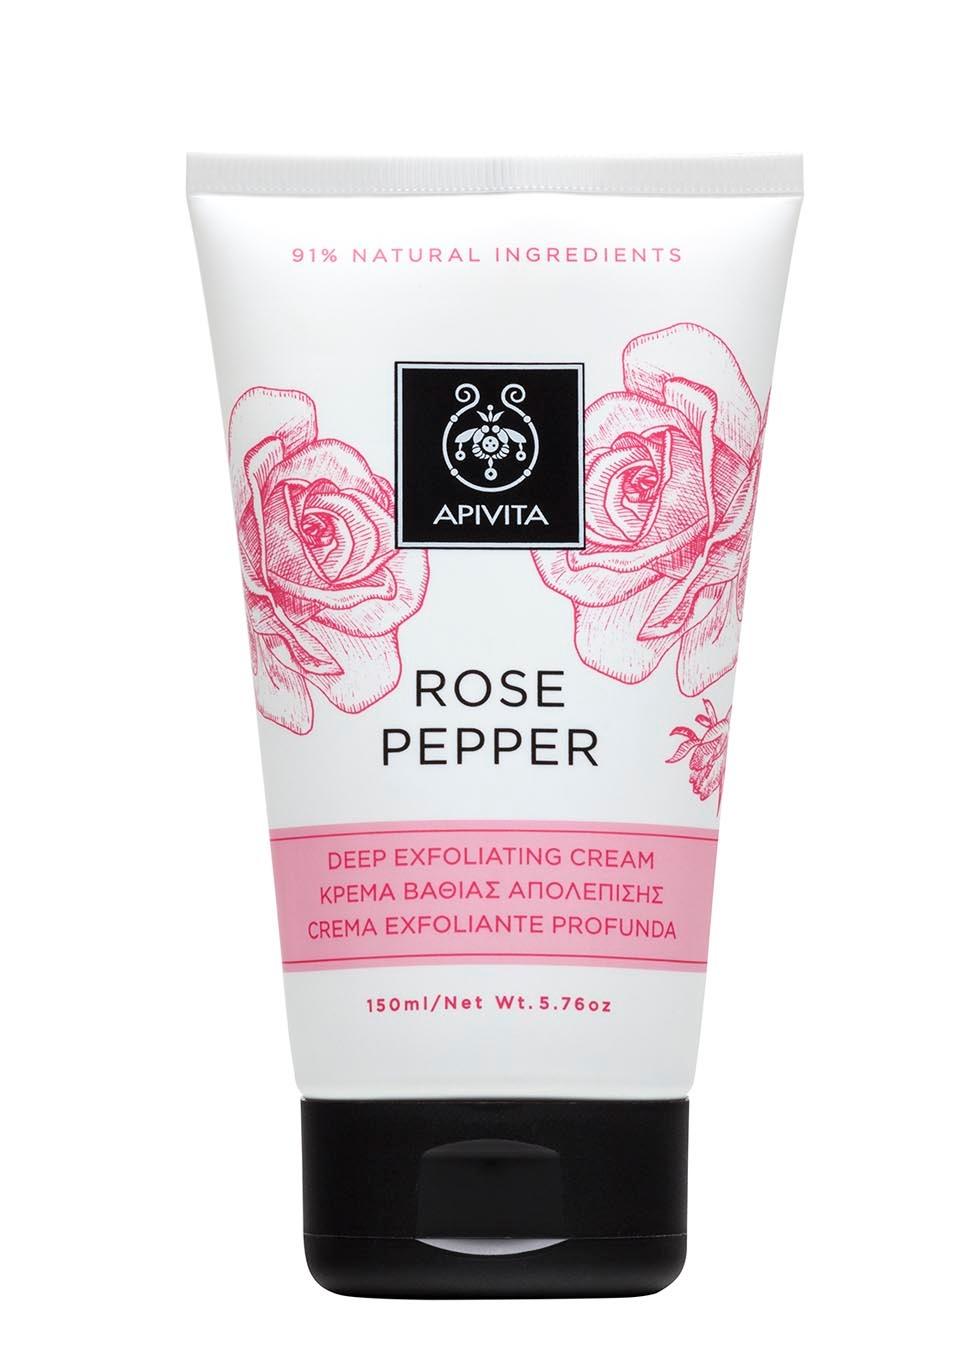 Rose Pepper Deep Exfoliating Cream 150ml